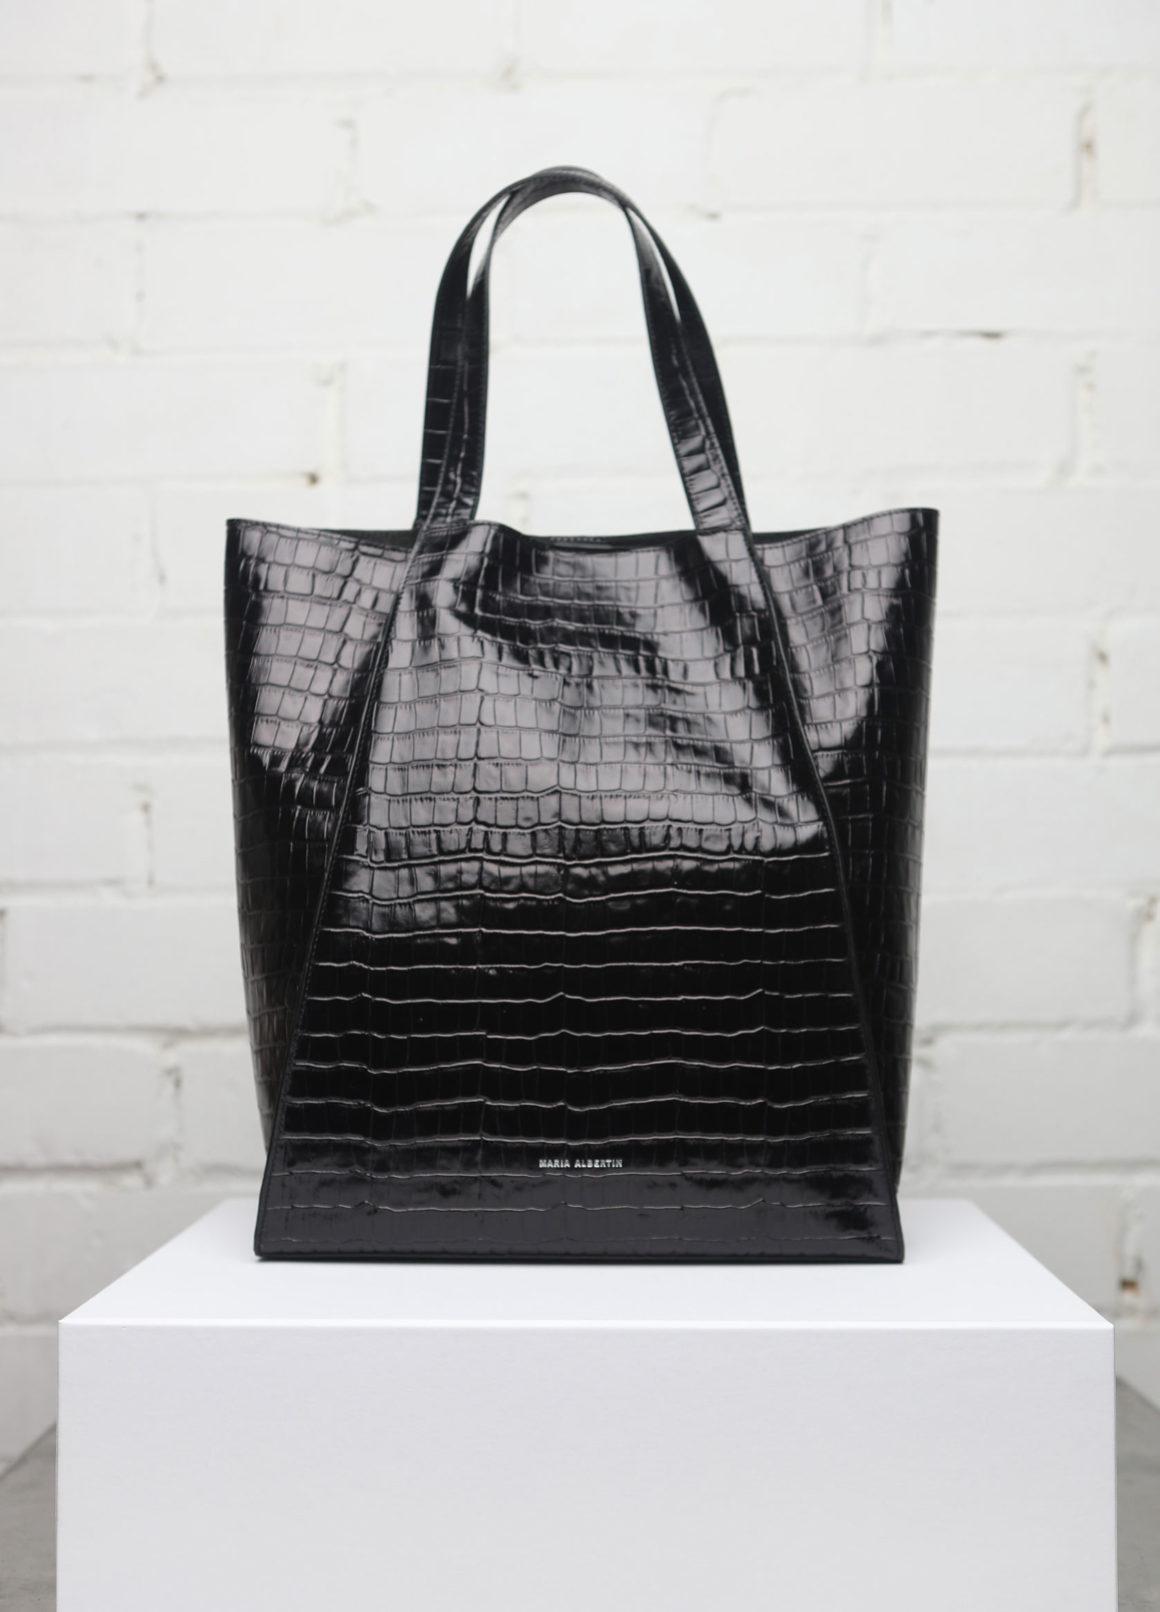 bolso de mujer Maria Albertin. Tienda online de zapatos y bolsos mujer.